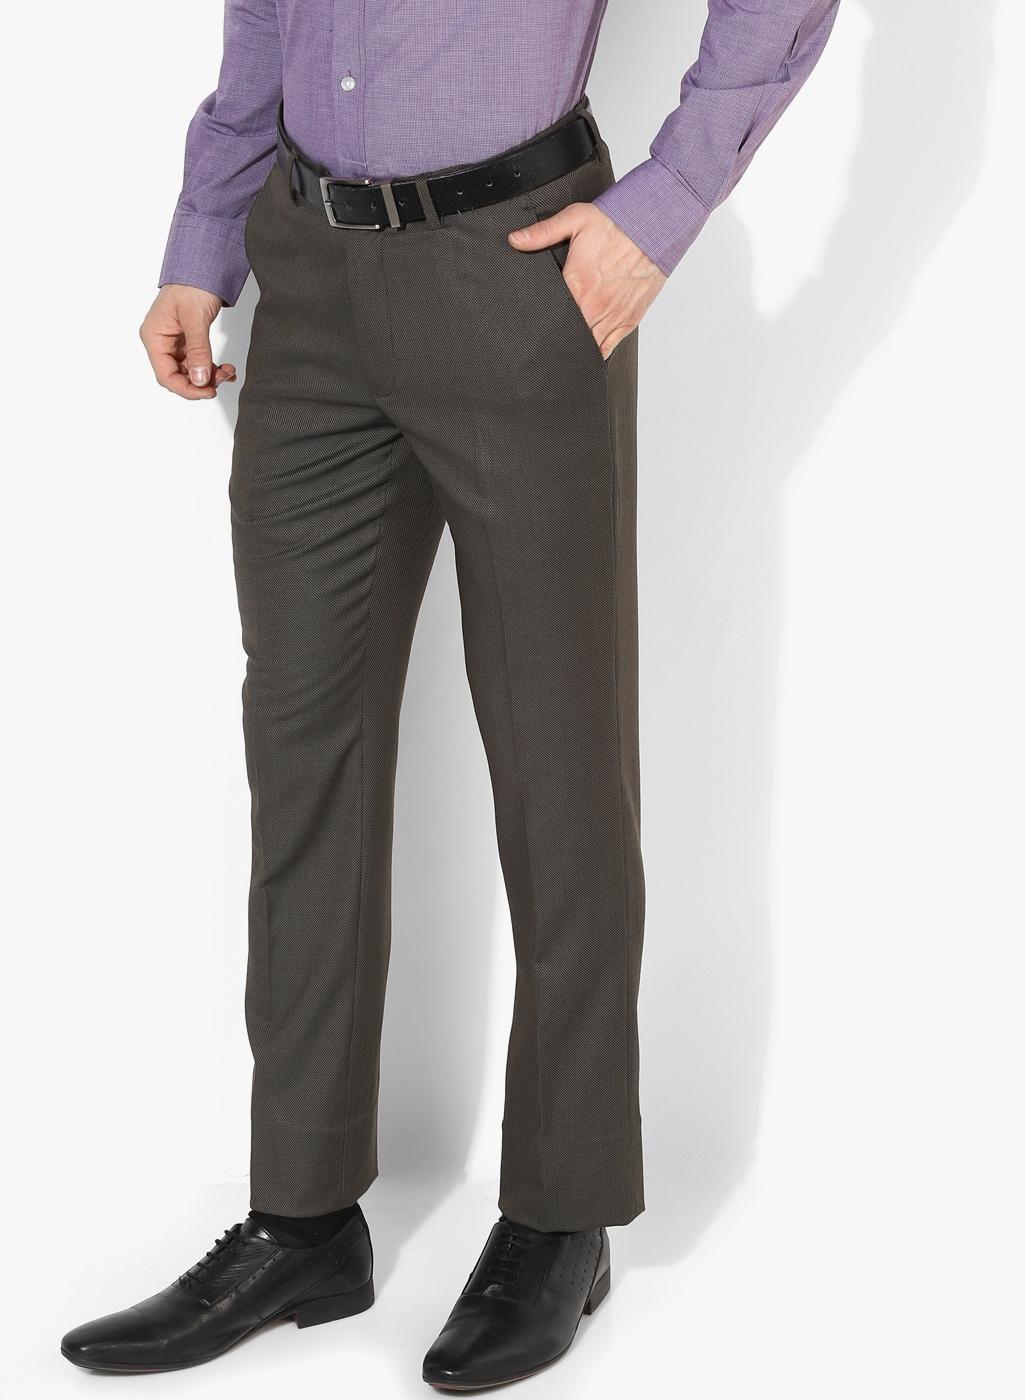 e2bbb7f011f3 Men Trousers Formal Trousers - Buy Men Trousers Formal Trousers online in  India - Jabong